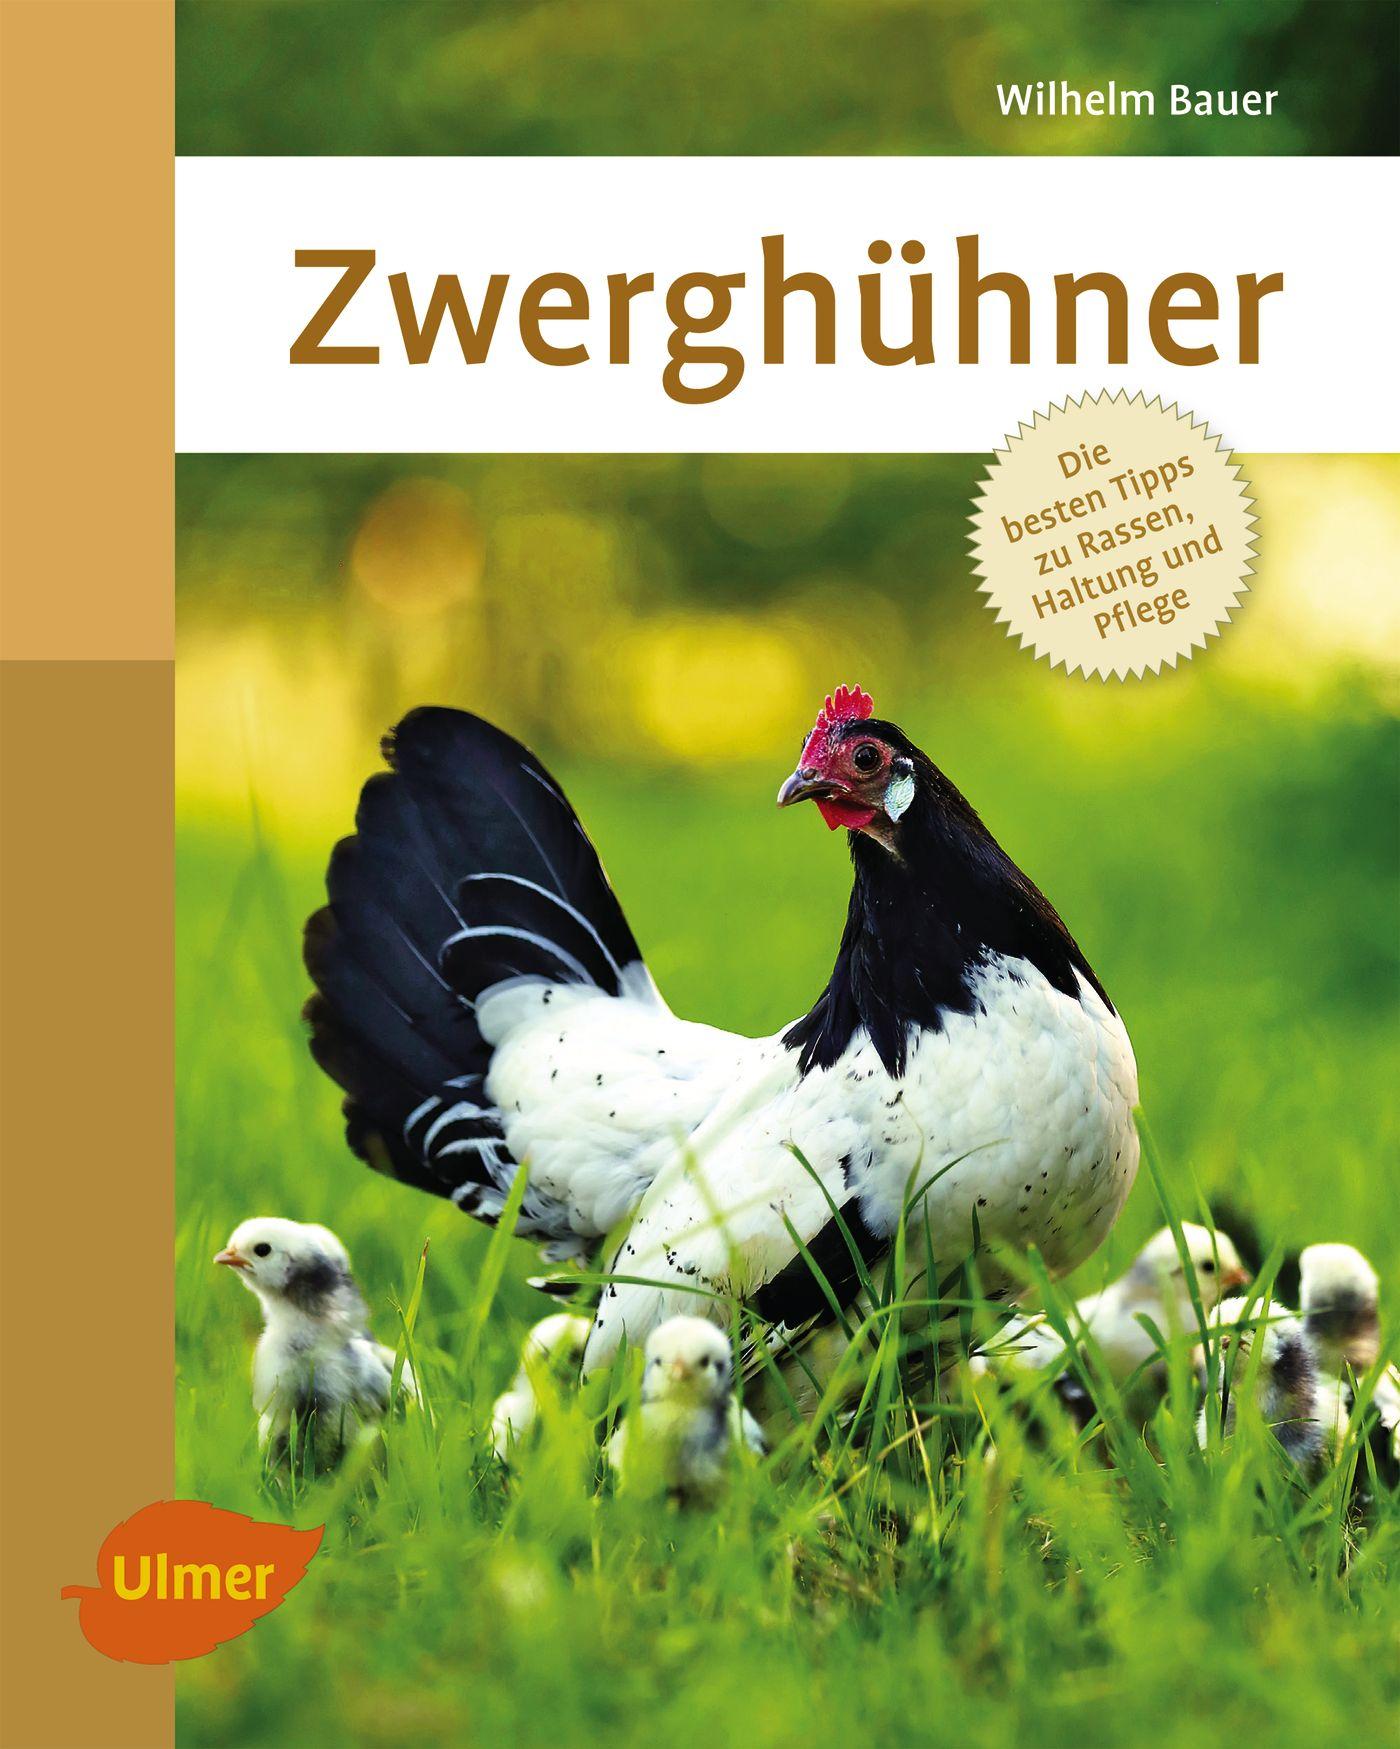 Zwerghühner: Die besten Tipps zu Rassen, Haltun...